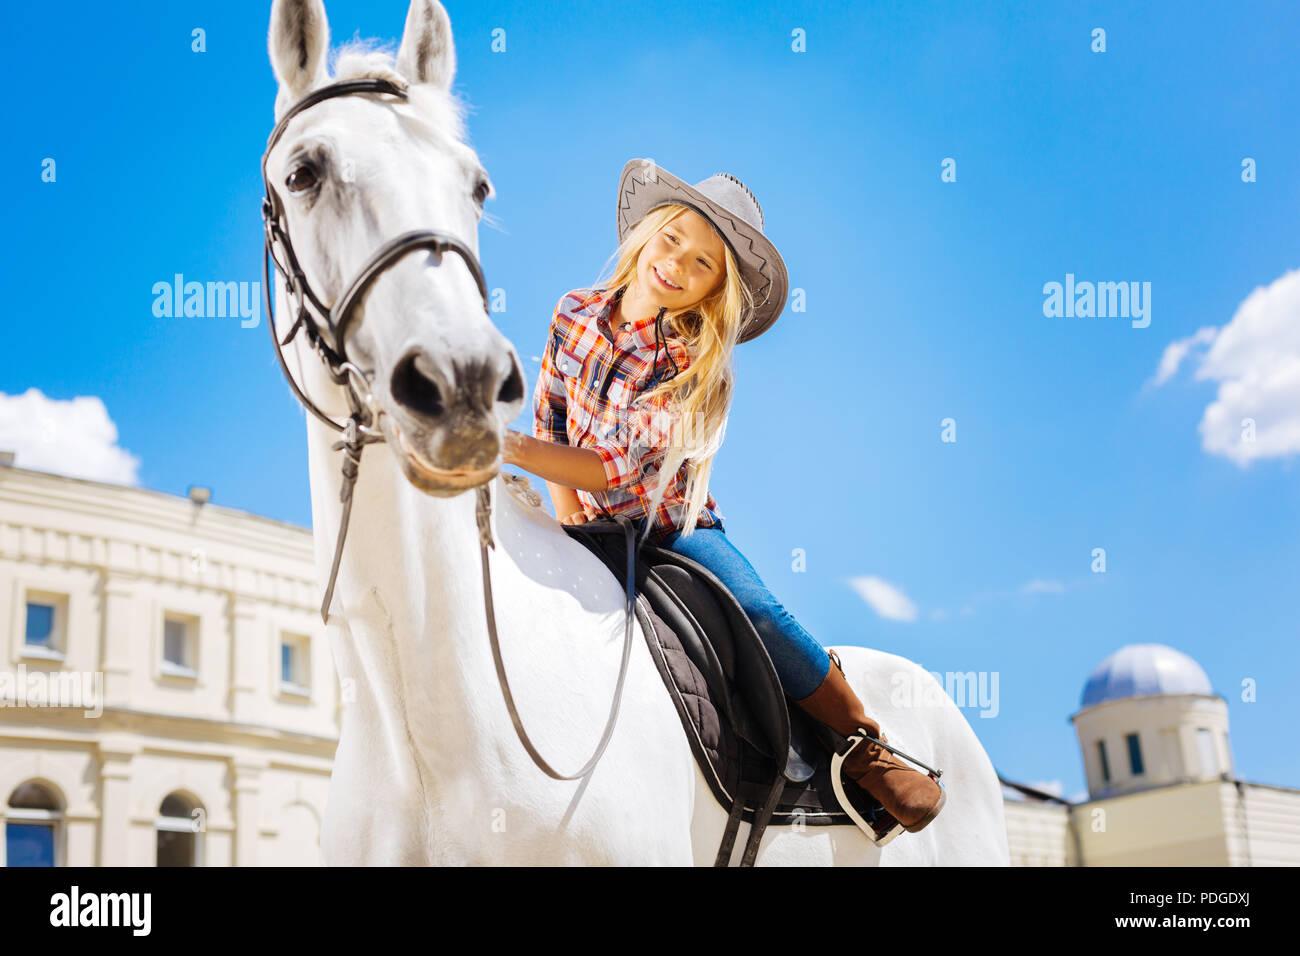 Transmisión de colegiala tocando su blanco caballo de carreras Imagen De Stock